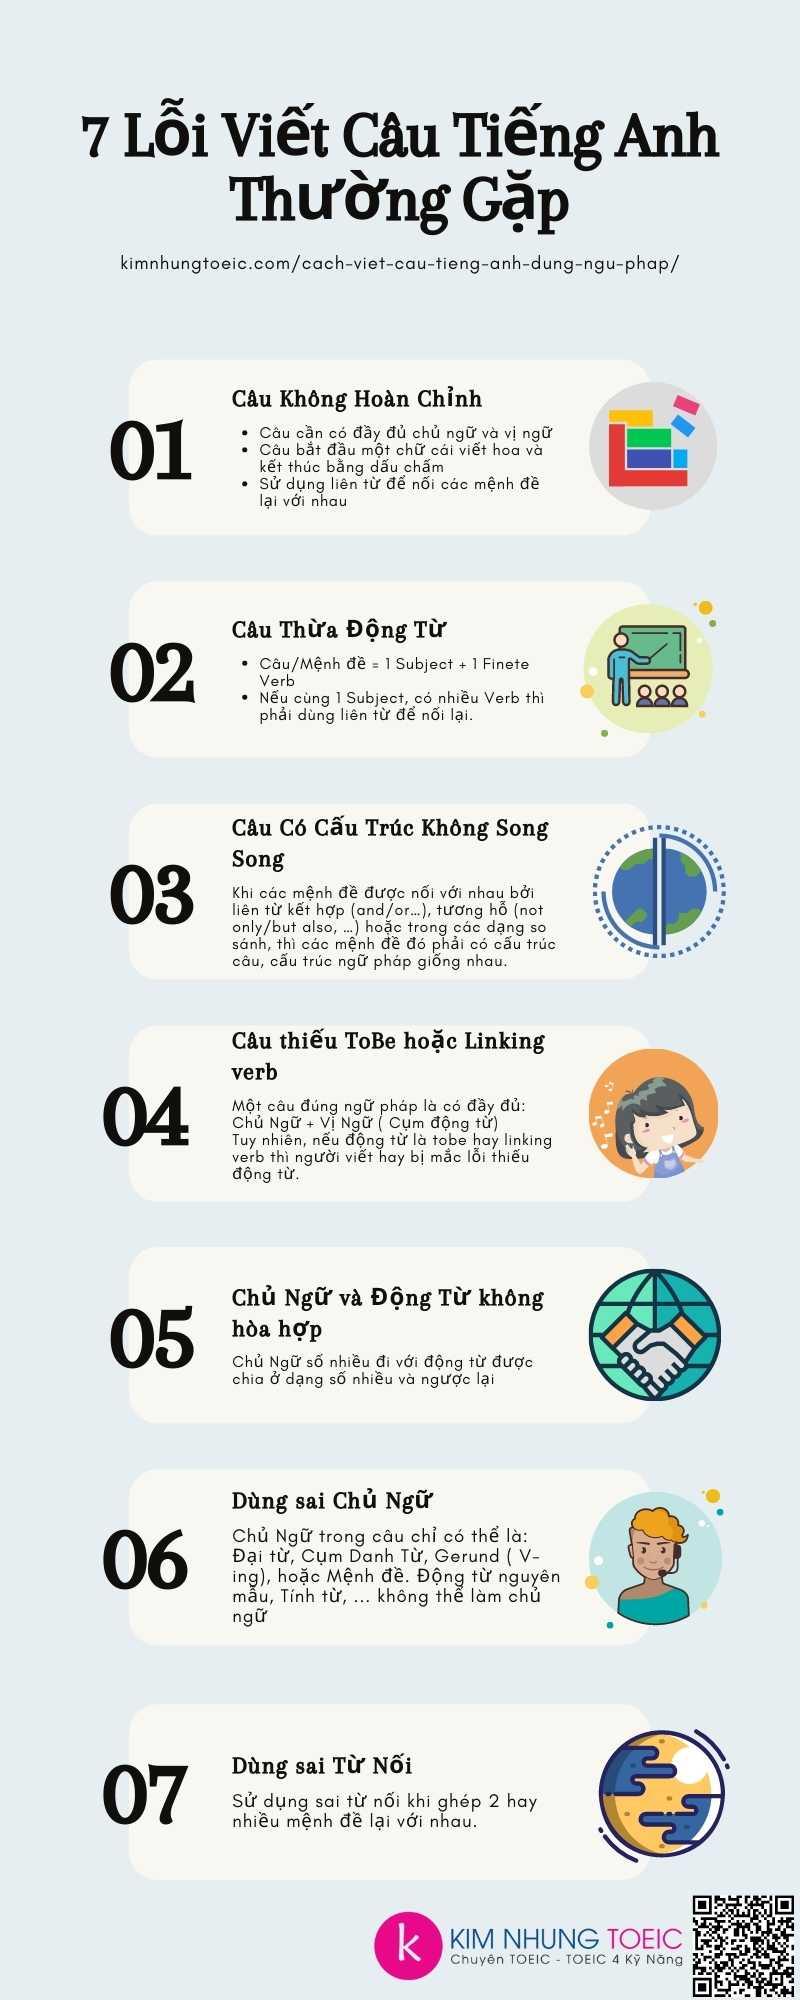 7 Lỗi Viết Câu Tiếng Anh Thường Gặp